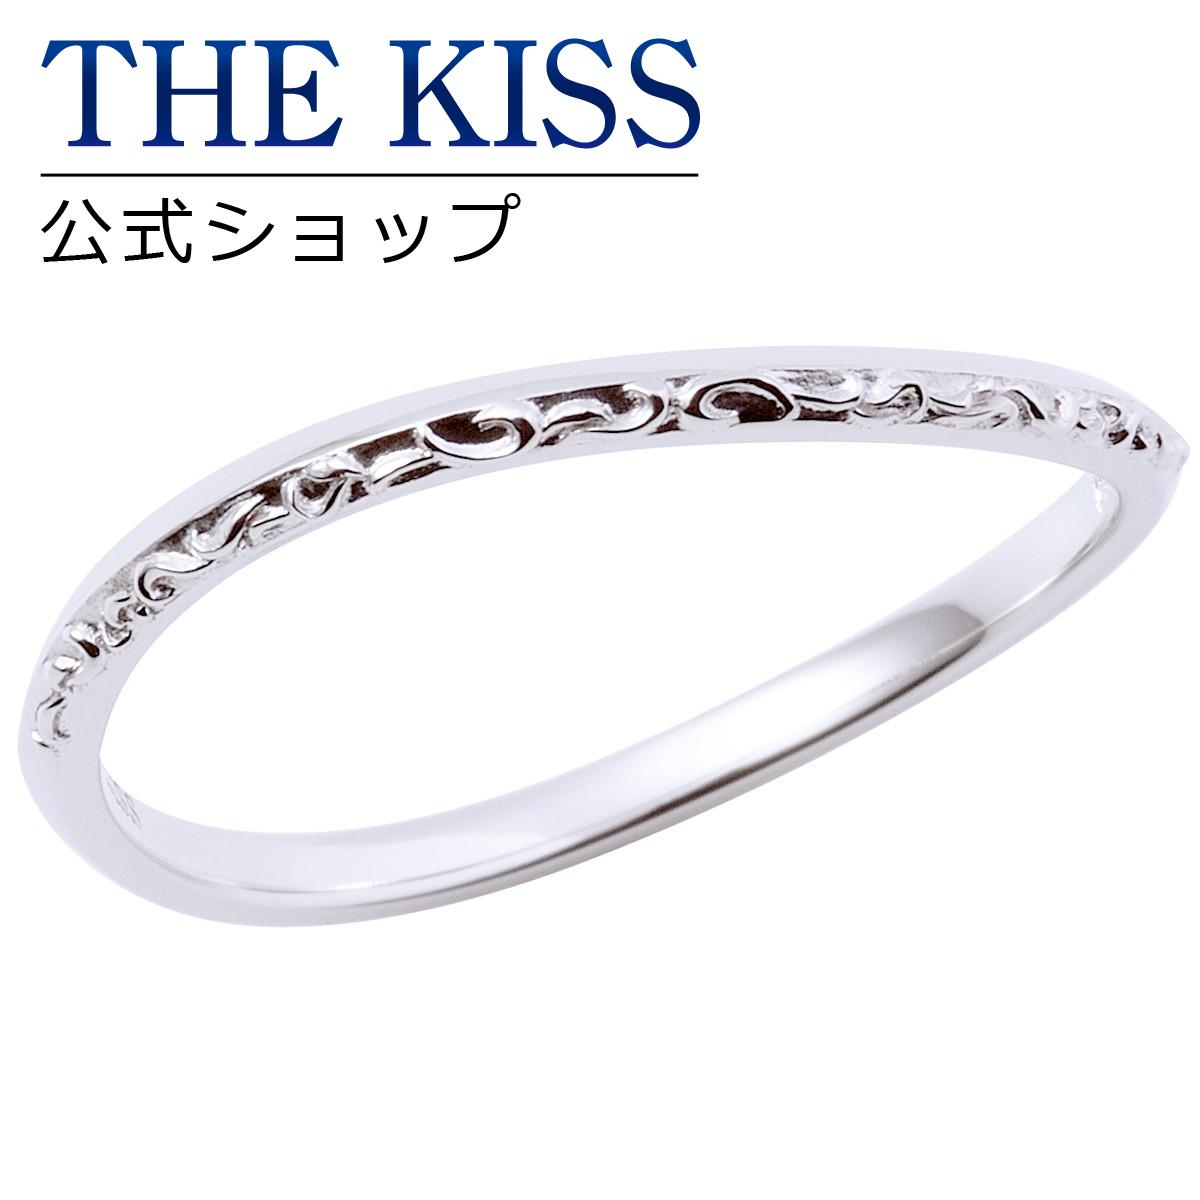 【あす楽対応】【送料無料】【THE KISS COUPLE'S】【ペアリング】 K10ピンクゴールド リング (メンズ単品) K-R1813WG ☆ ゴールド ペア リング 指輪 ブランド GOLD Pair Ring couple